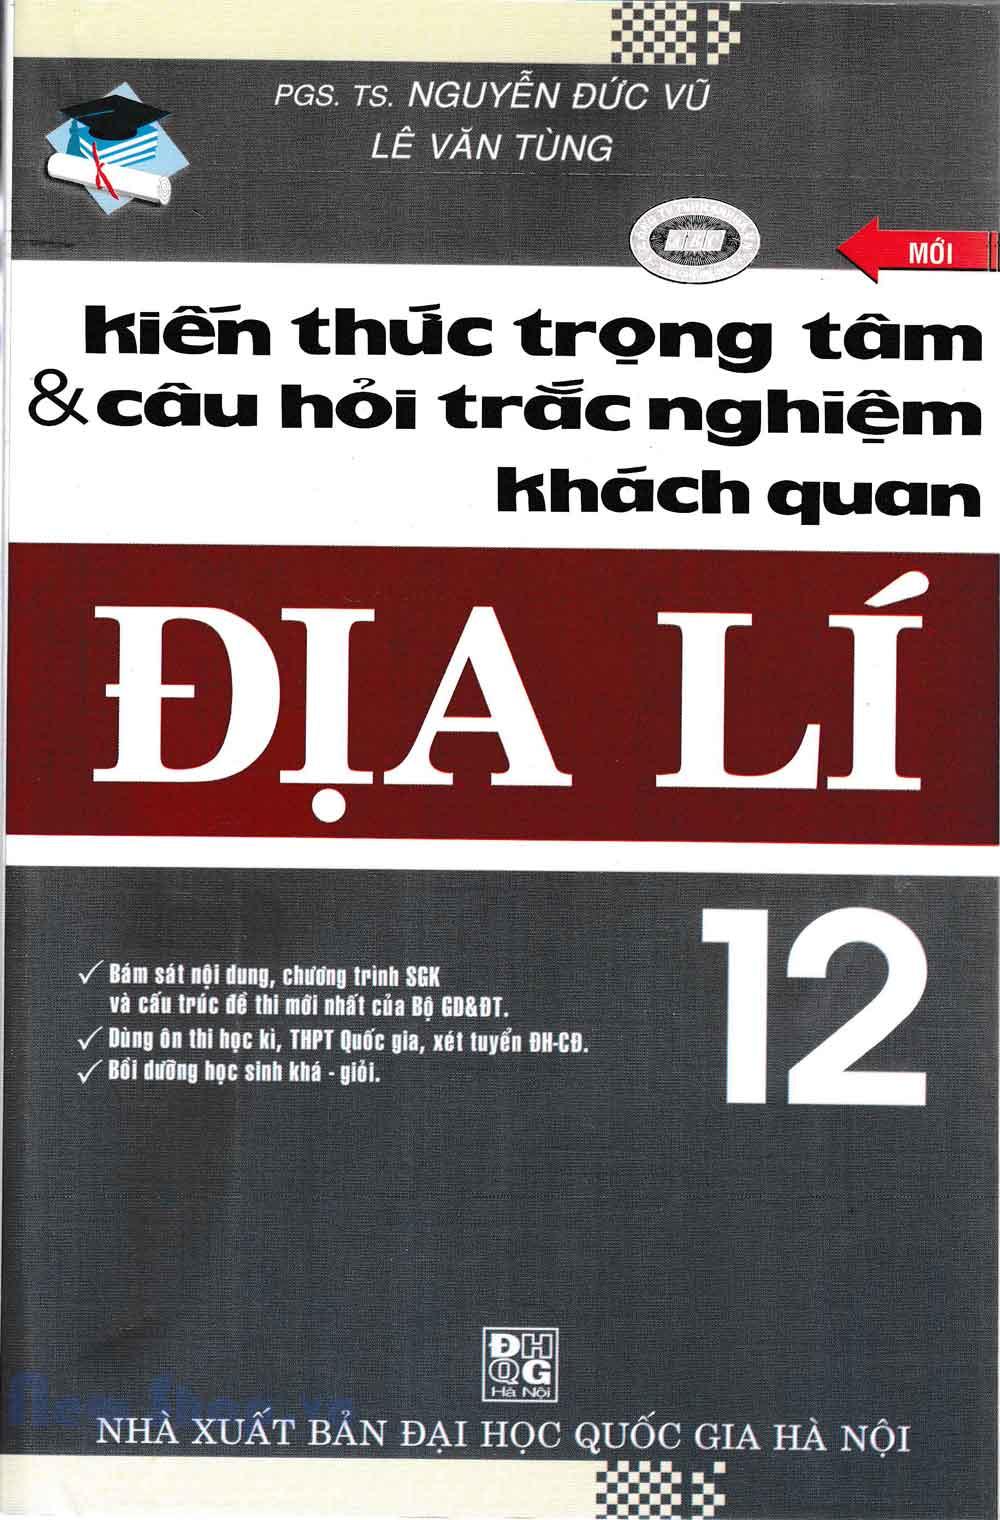 Kiến Thức Trọng Tâm Và Câu Hỏi Trắc Nghiệm Khách Quan Địa Lý 12 - EBOOK/PDF/PRC/EPUB